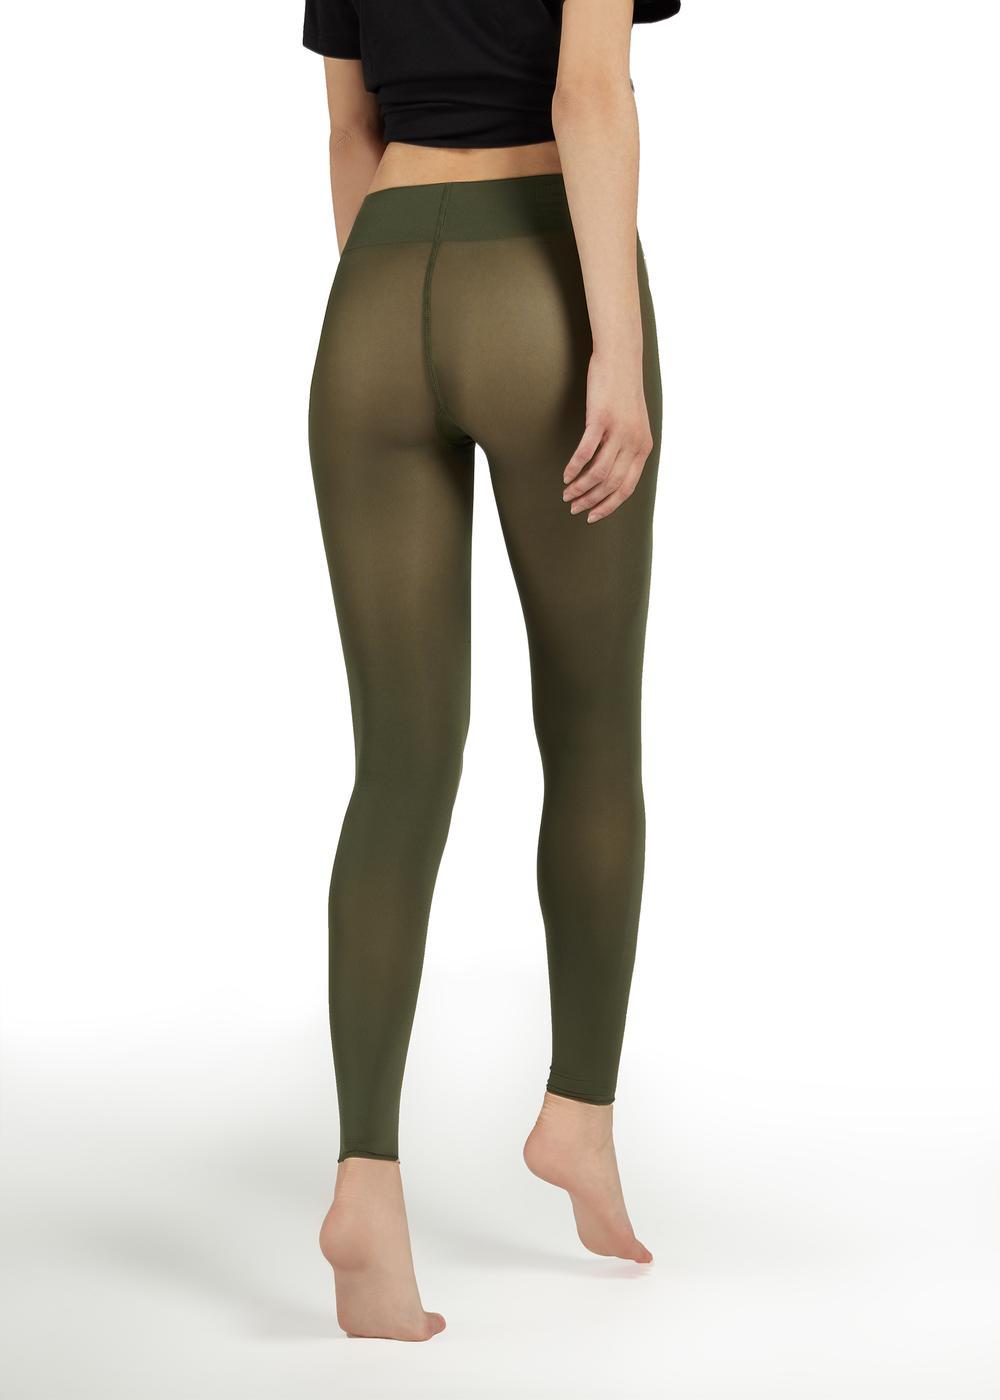 Blickdichte Soft Touch Total Comfort Leggings